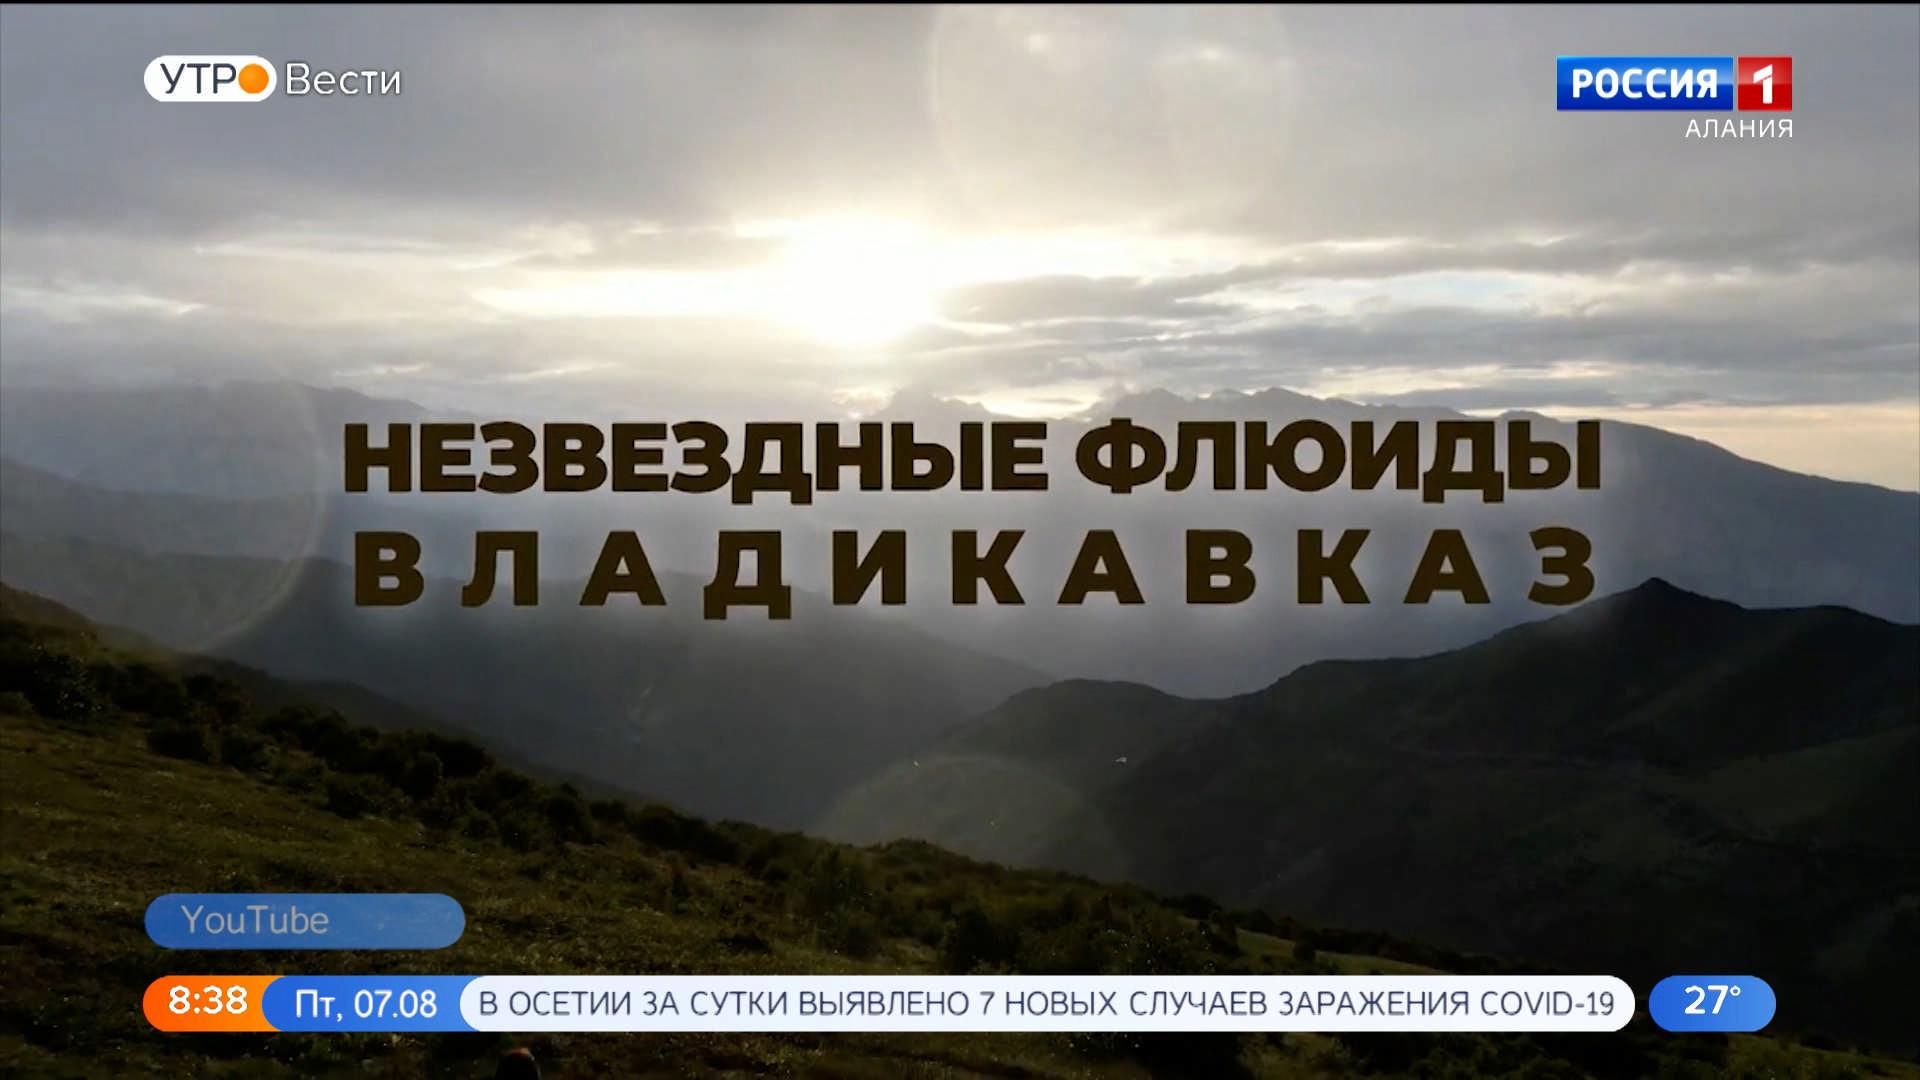 Ида Галич презентовала фильм о Владикавказе «Незвездные флюиды»